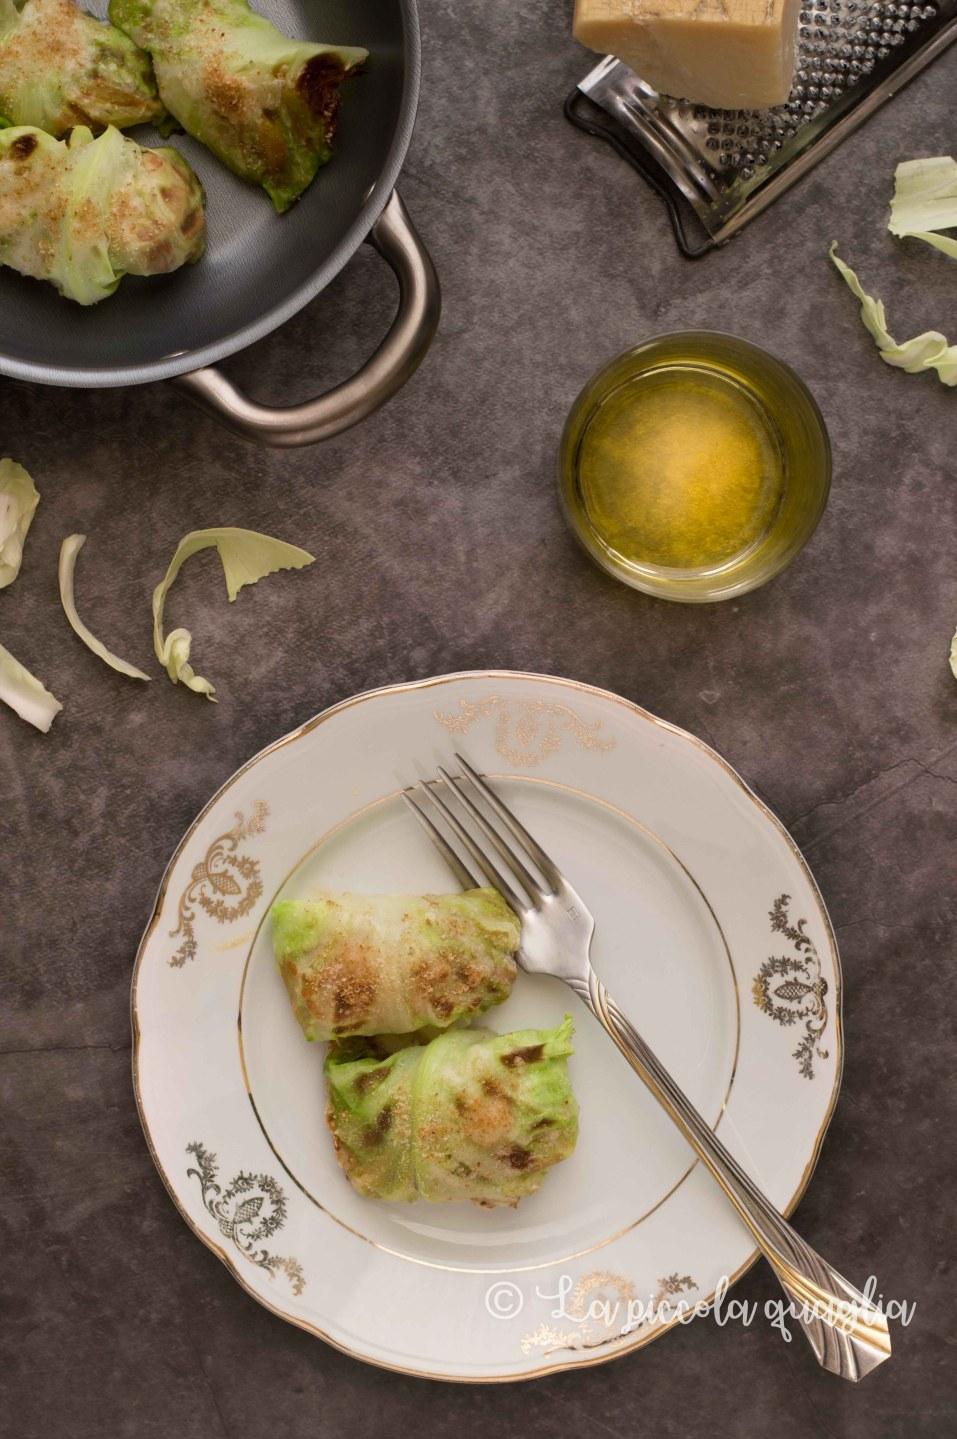 involtini di cavolo verza in un piatto bicchiere di vino bianco